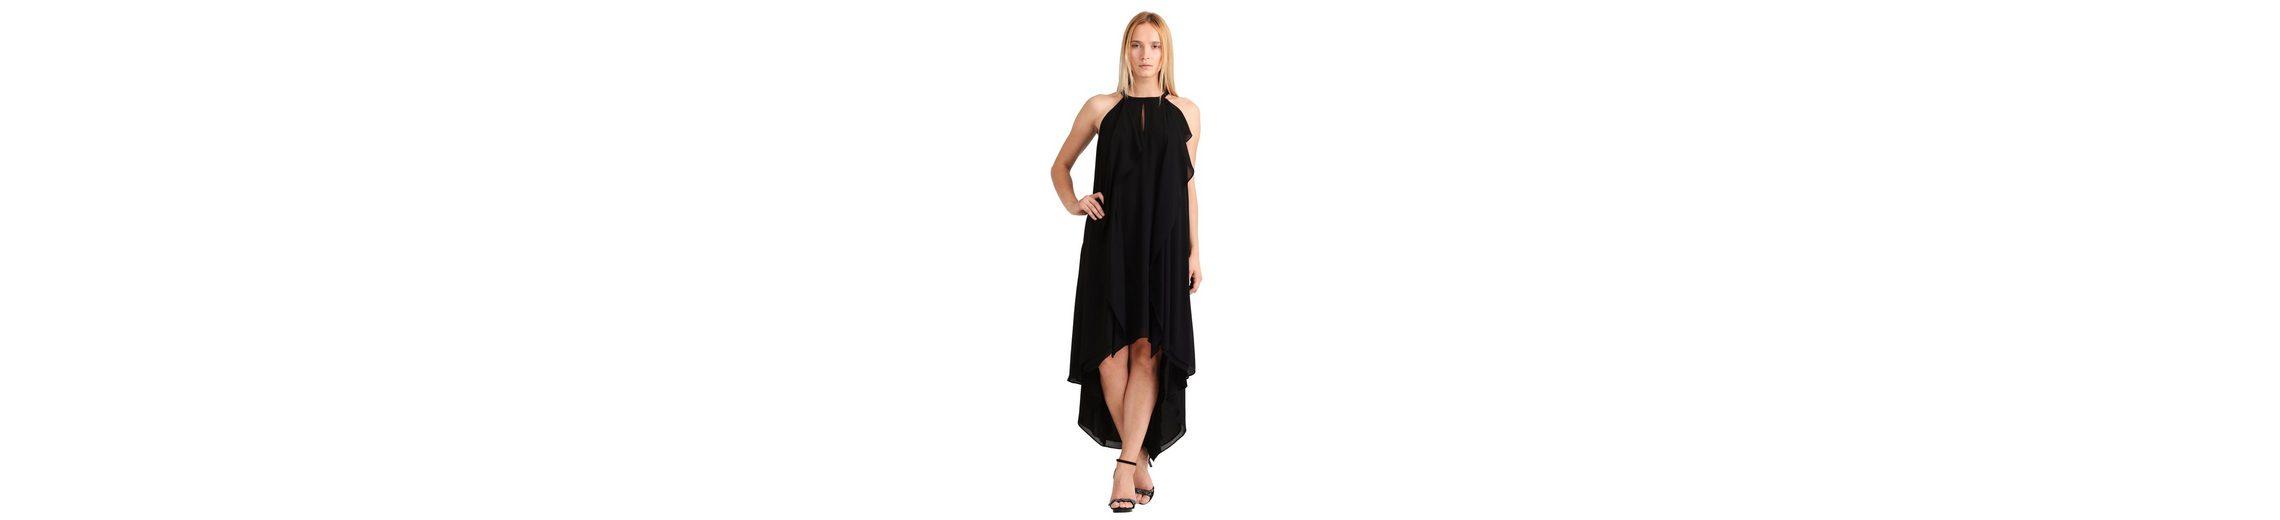 Kauf Verkauf Online Klassisch Apart Kleid Rundhals 0kXLM6XcEq